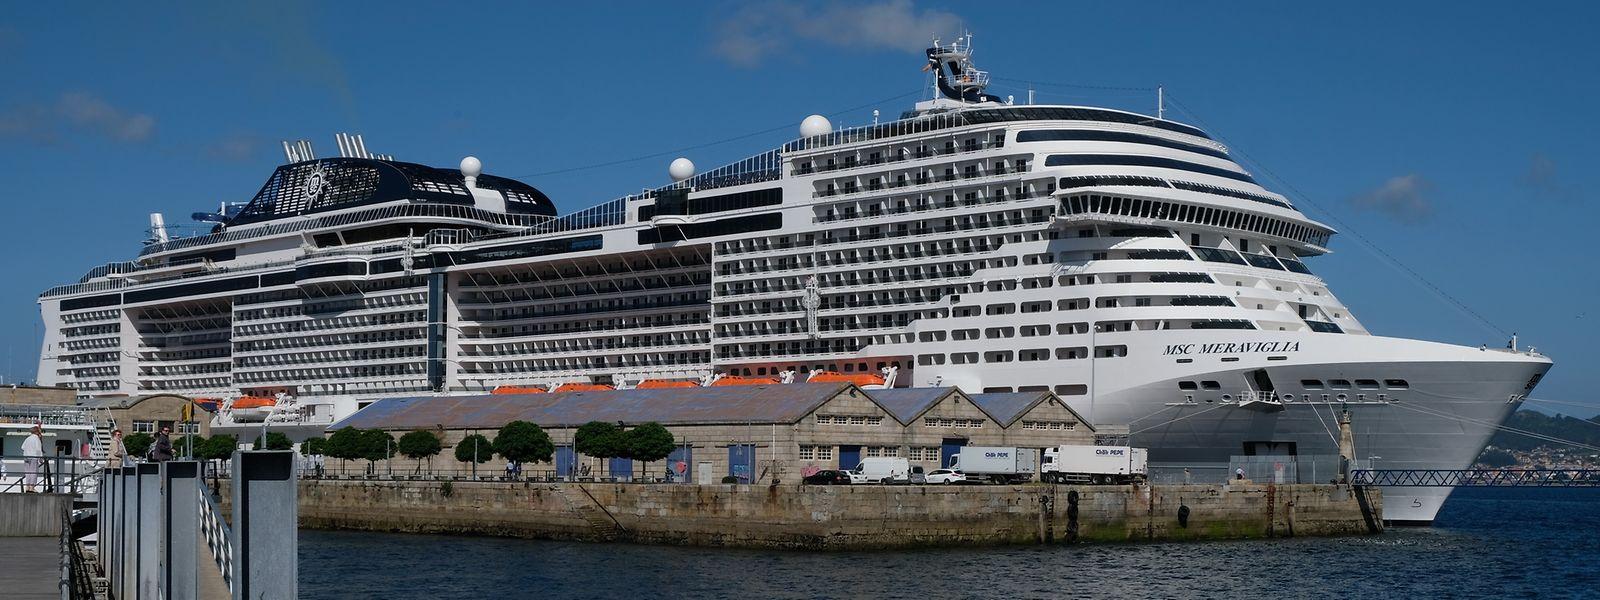 Vor Mega-Schiffen - hier zu sehen: die MSC Meraviglia für 5700 Passagiere - schrecken noch viele Reisende zurück.